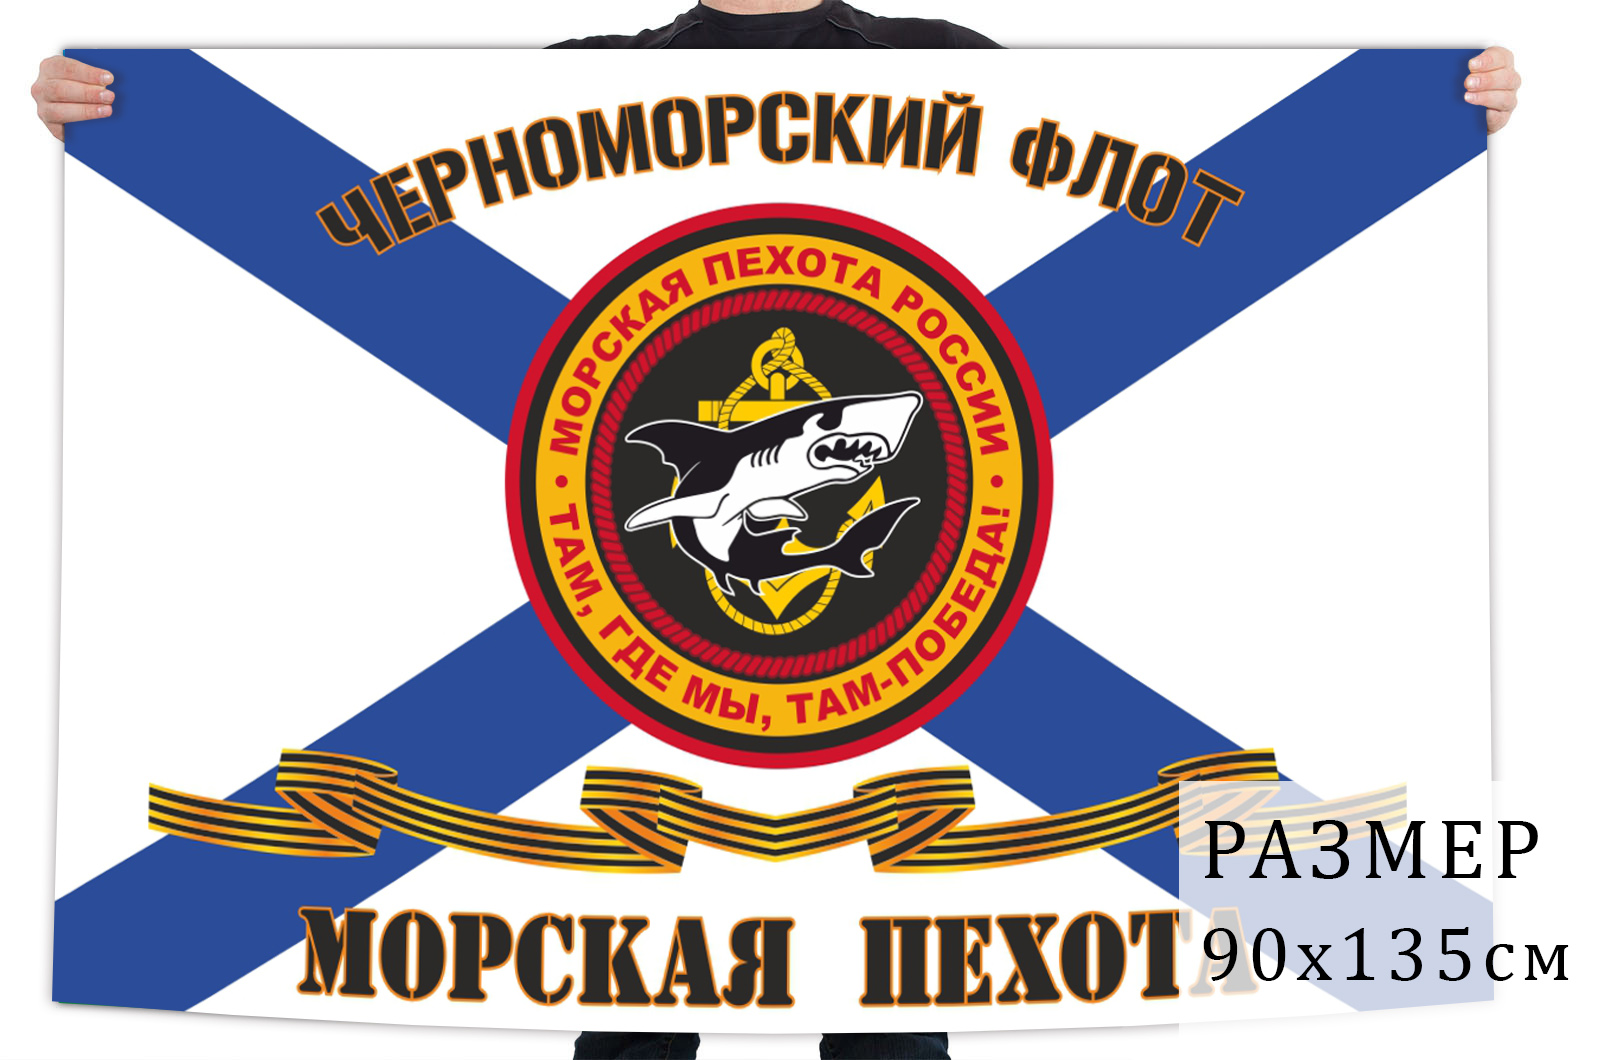 Андреевский флаг Морской пехоты Черноморского флота